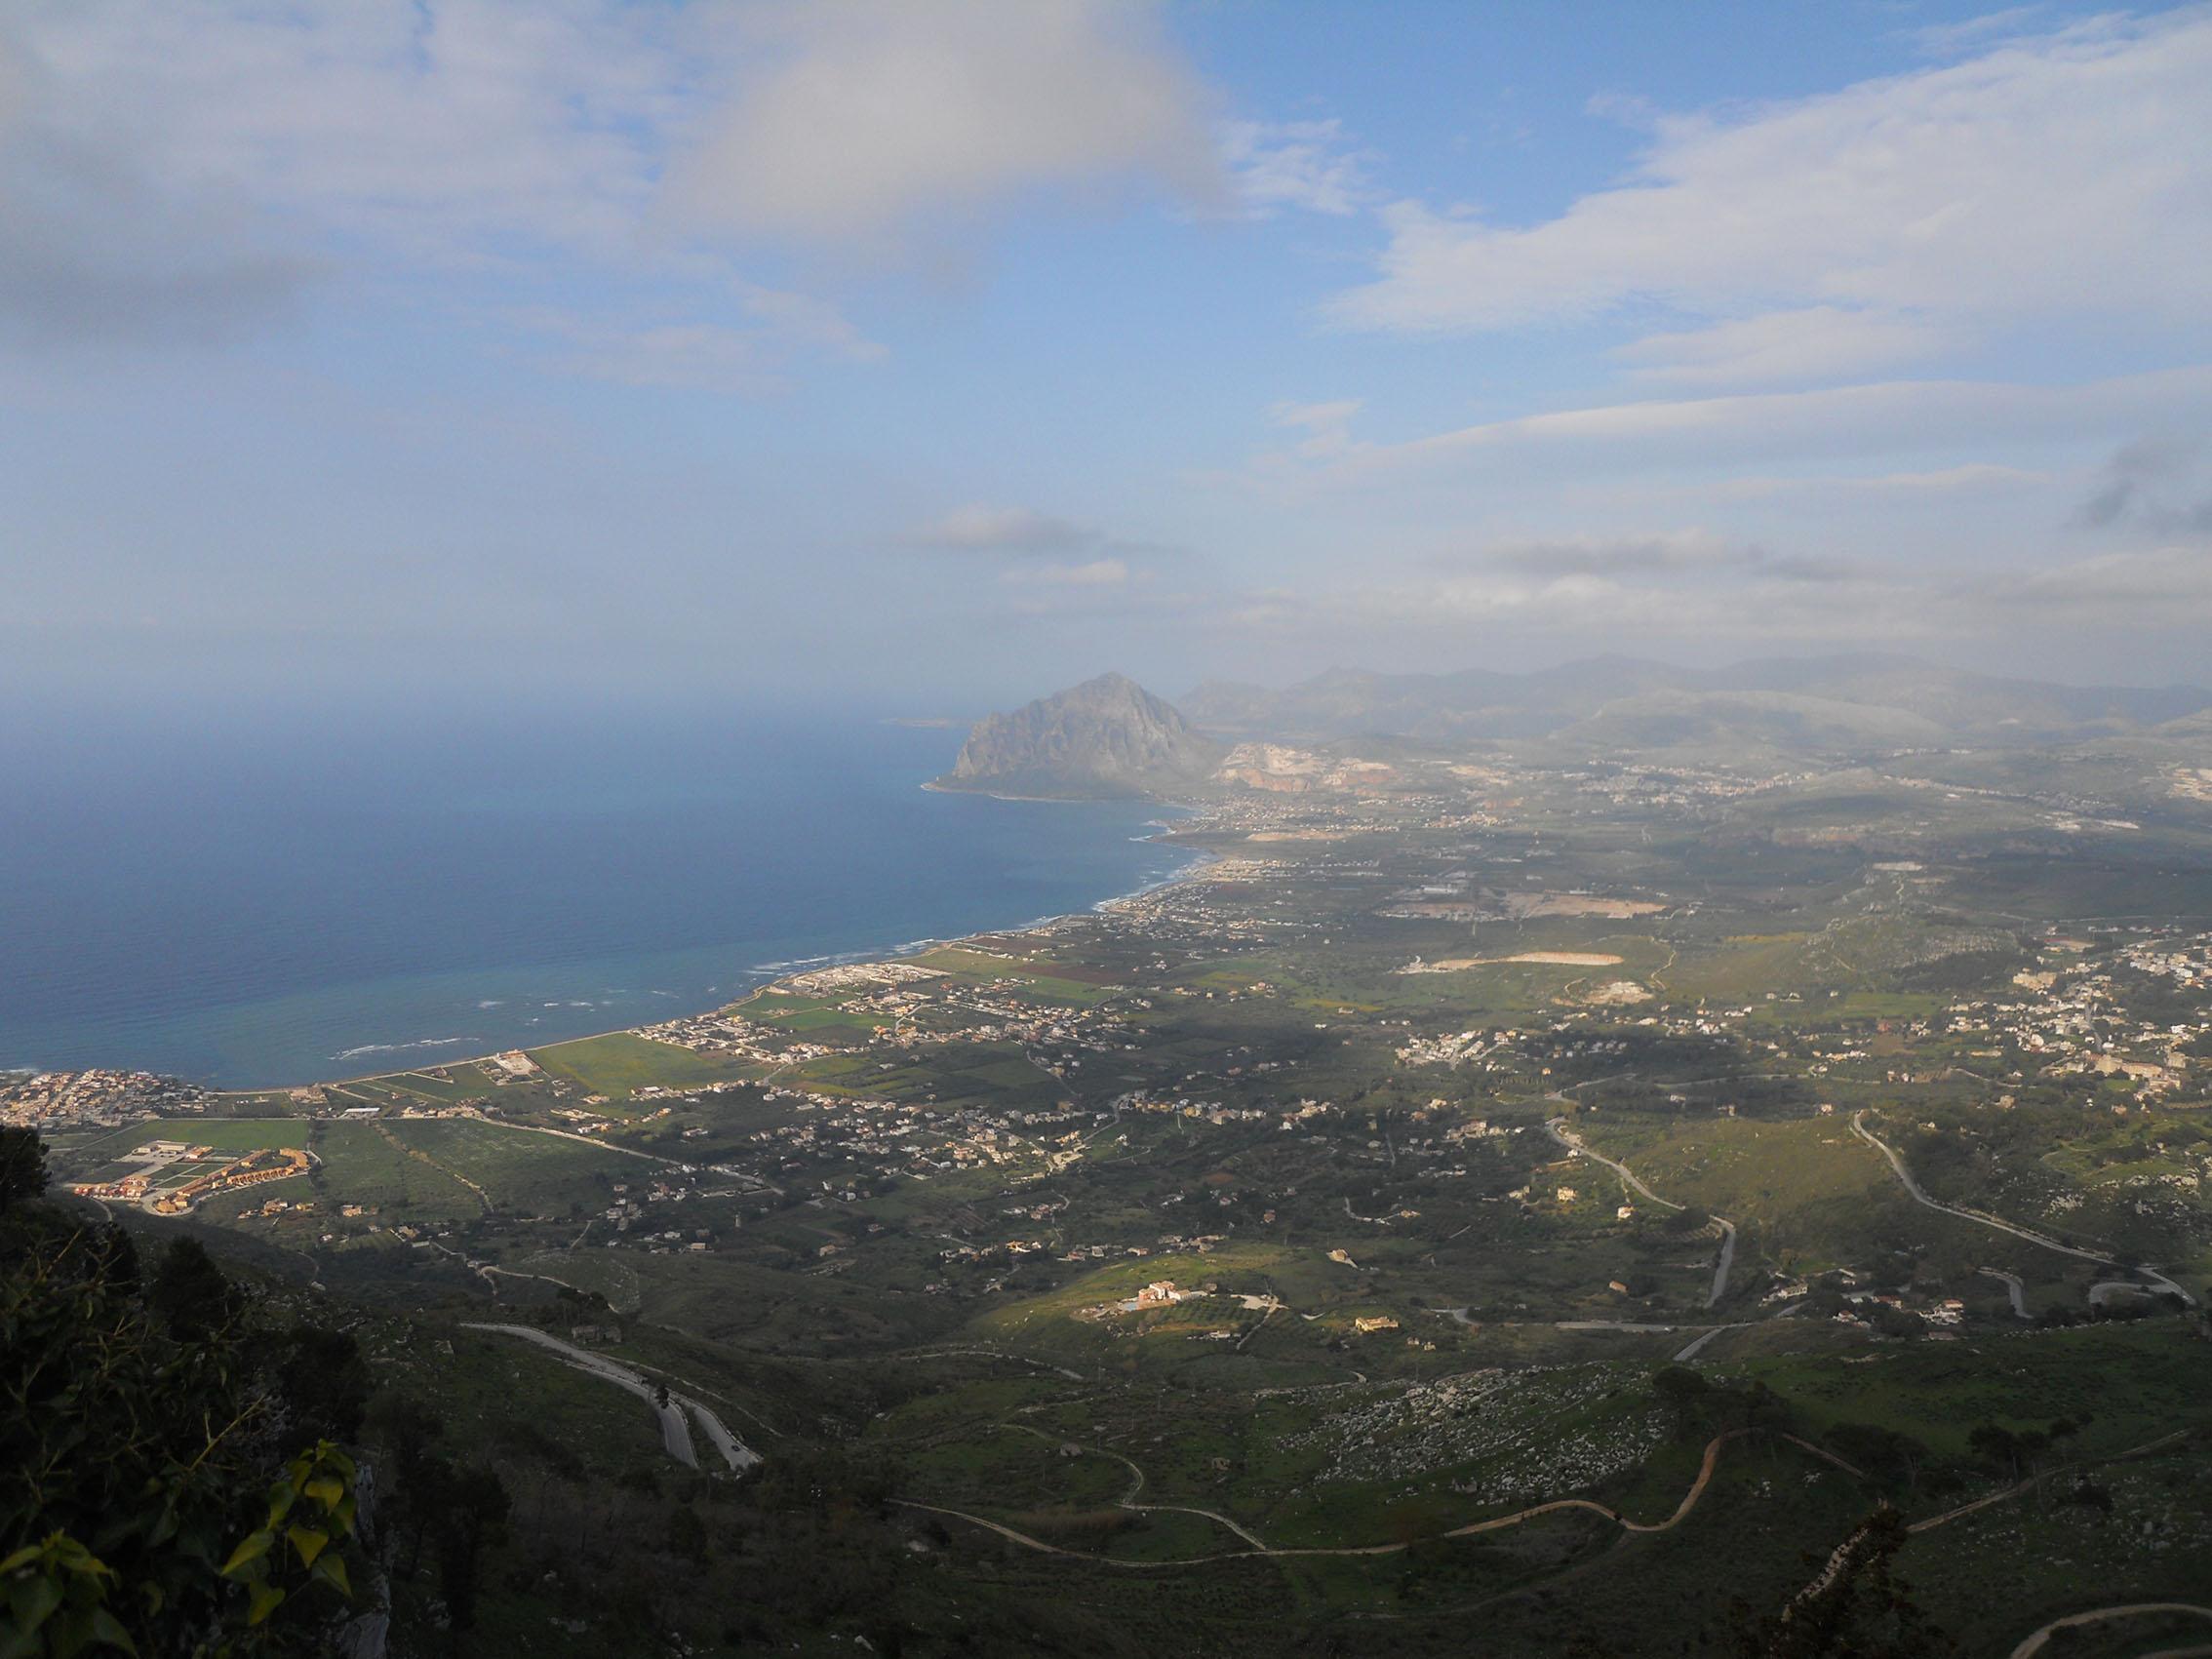 http://www.viaggiavventurenelmondo.it/immagini/siciliaoccbr.jpg